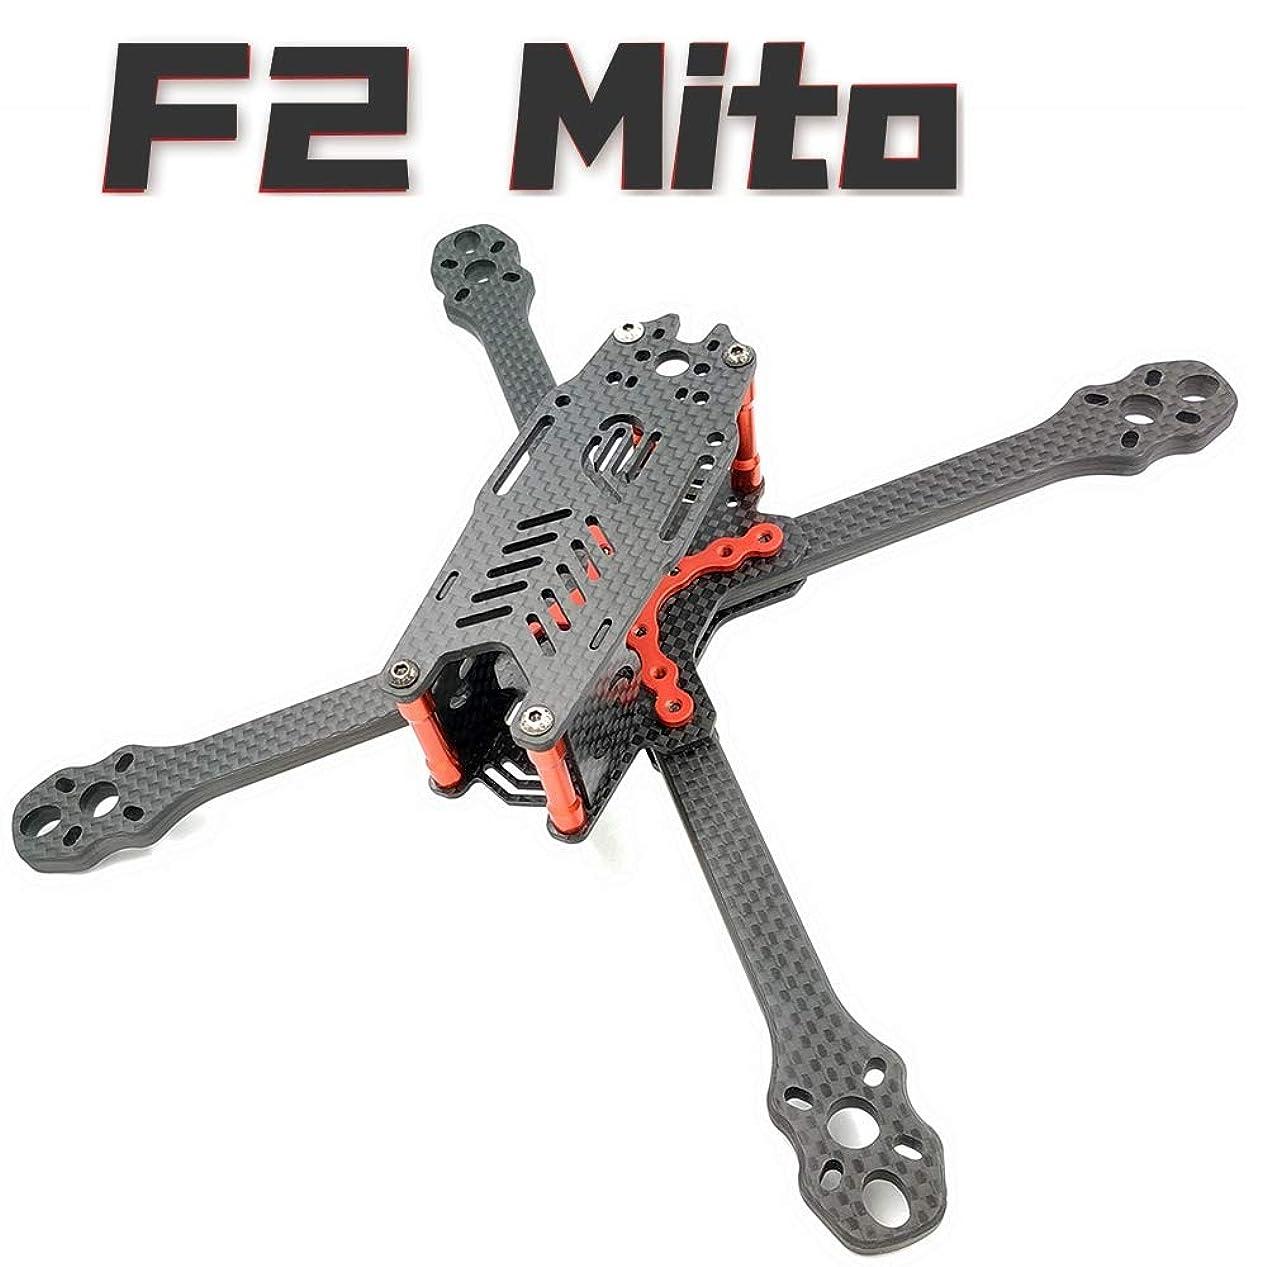 汗裏切り学ぶCHENJUAN 220 6ミリメートルARMカーボンファイバーフレームキットRCドローンFPVレーシングクワッドローターフリースタイル真のX UAV F3 F4フライトタワー5045 ドローンケース (Color : F2 Mito 220mm)